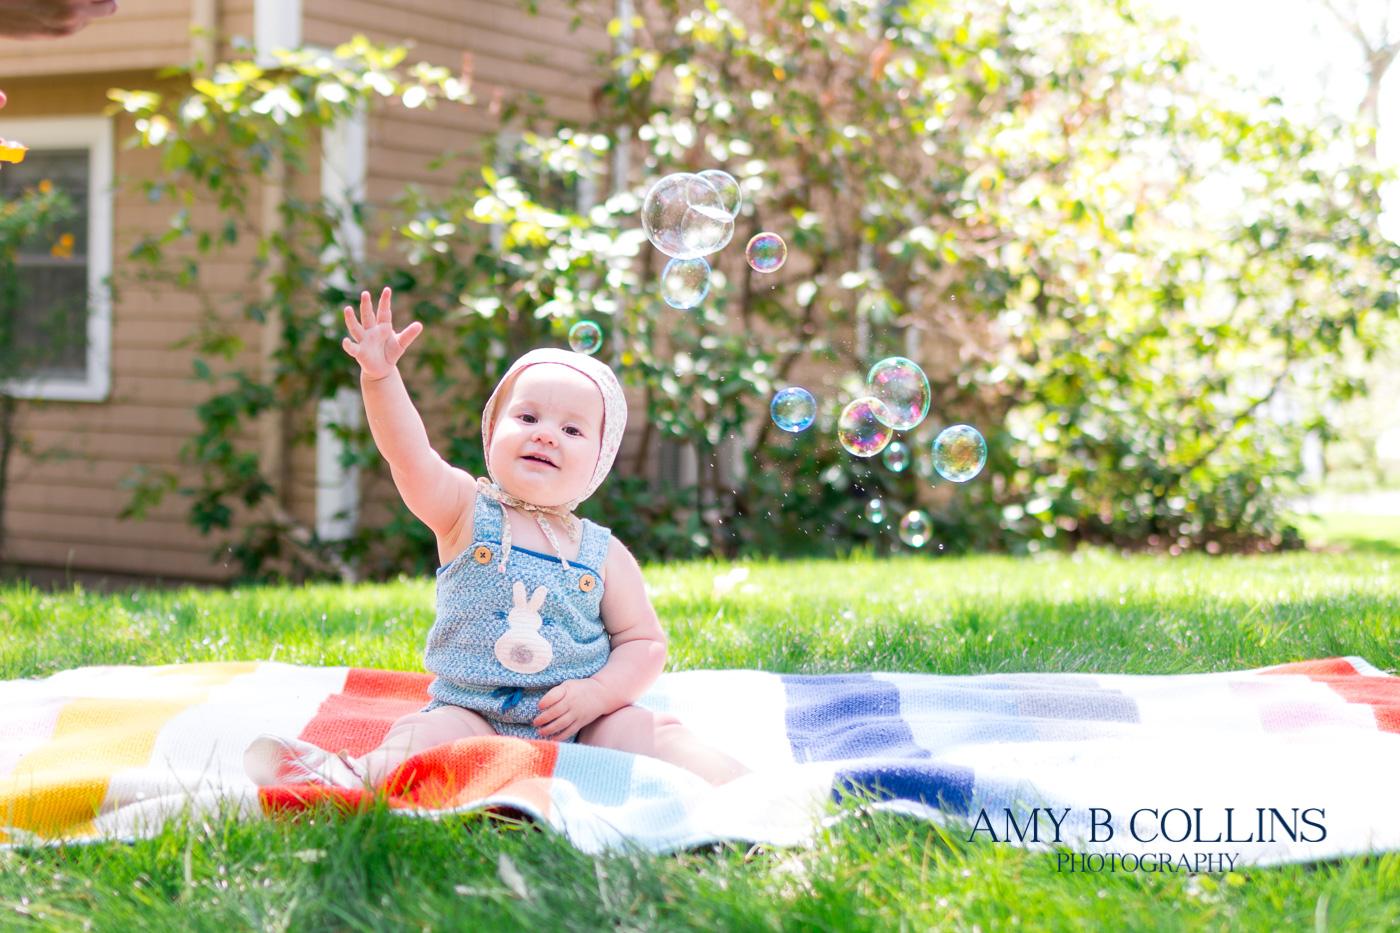 Amy_B_Collins_Photography_Needham Baby Photographer - 11.jpg